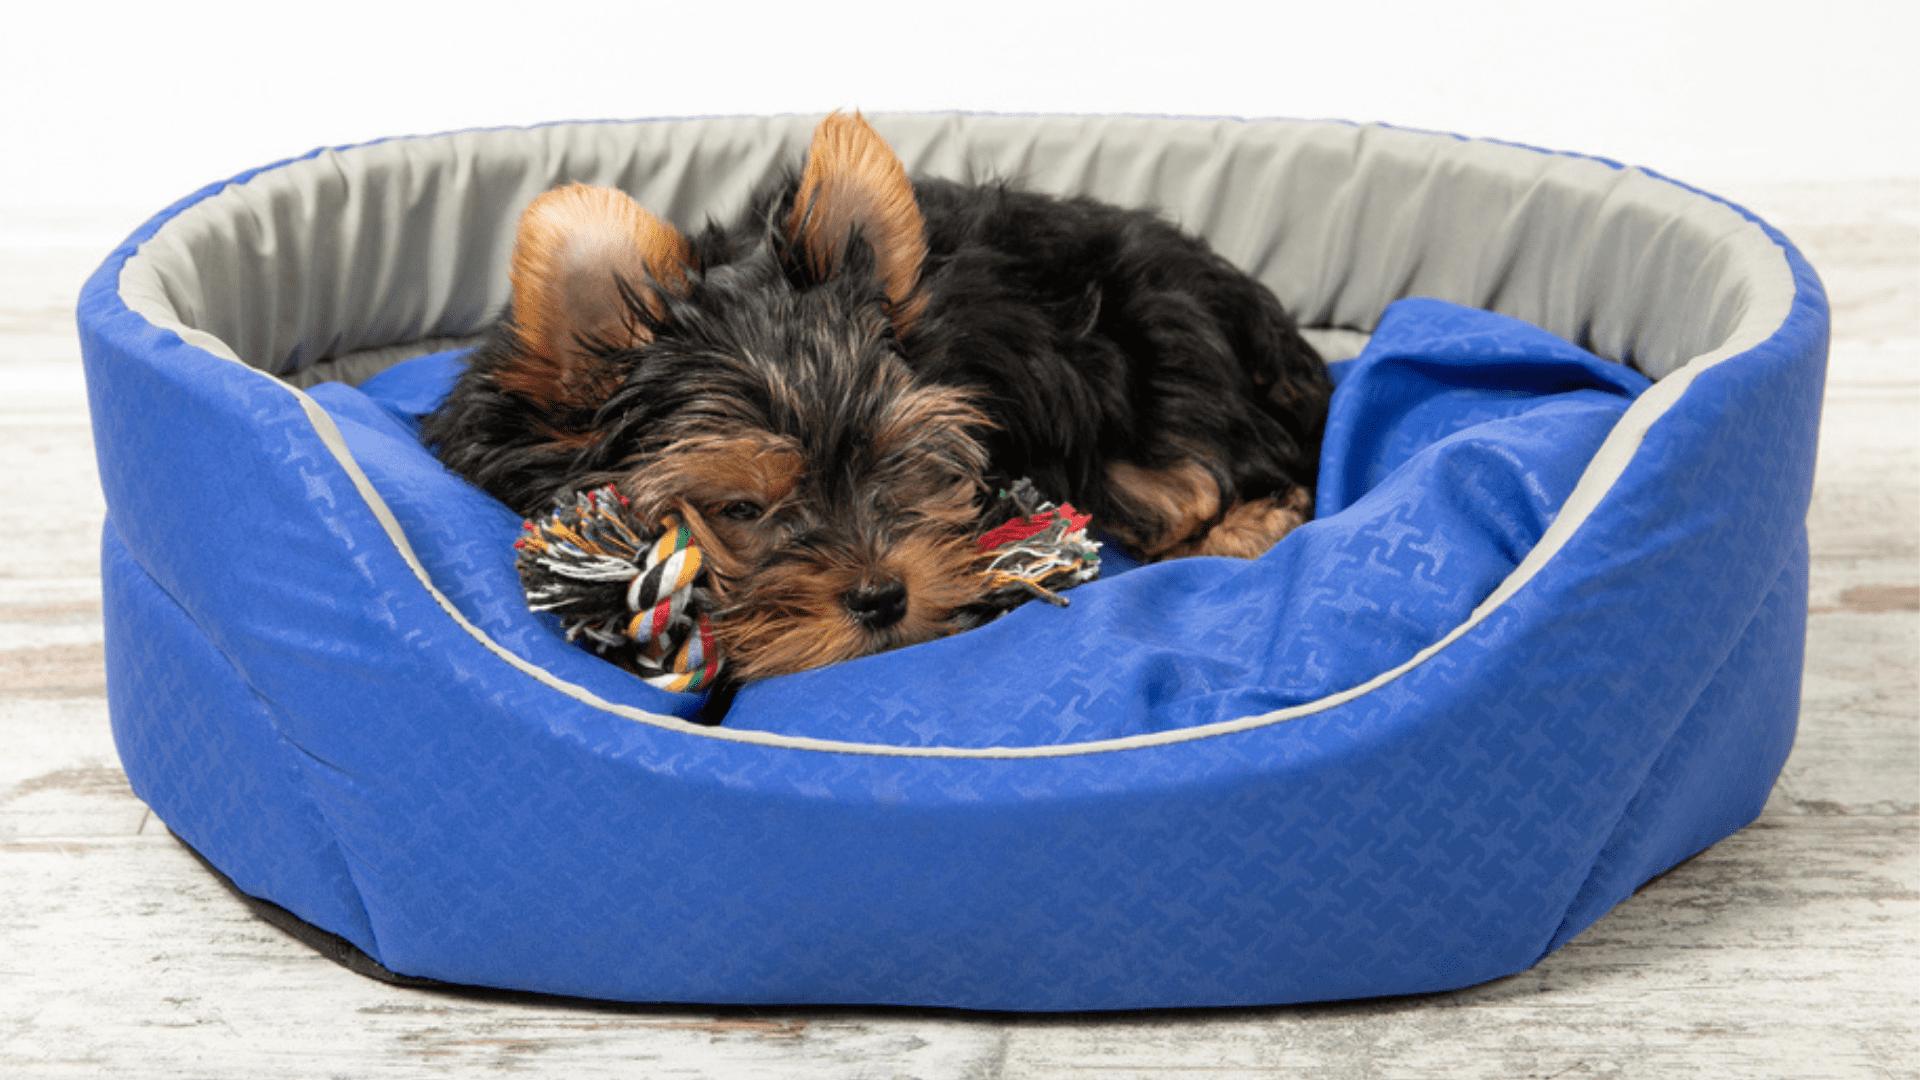 O tamanho e o formato deve ser adequado para que o cachorro se sinta confortável (Reprodução/Shutterstock)